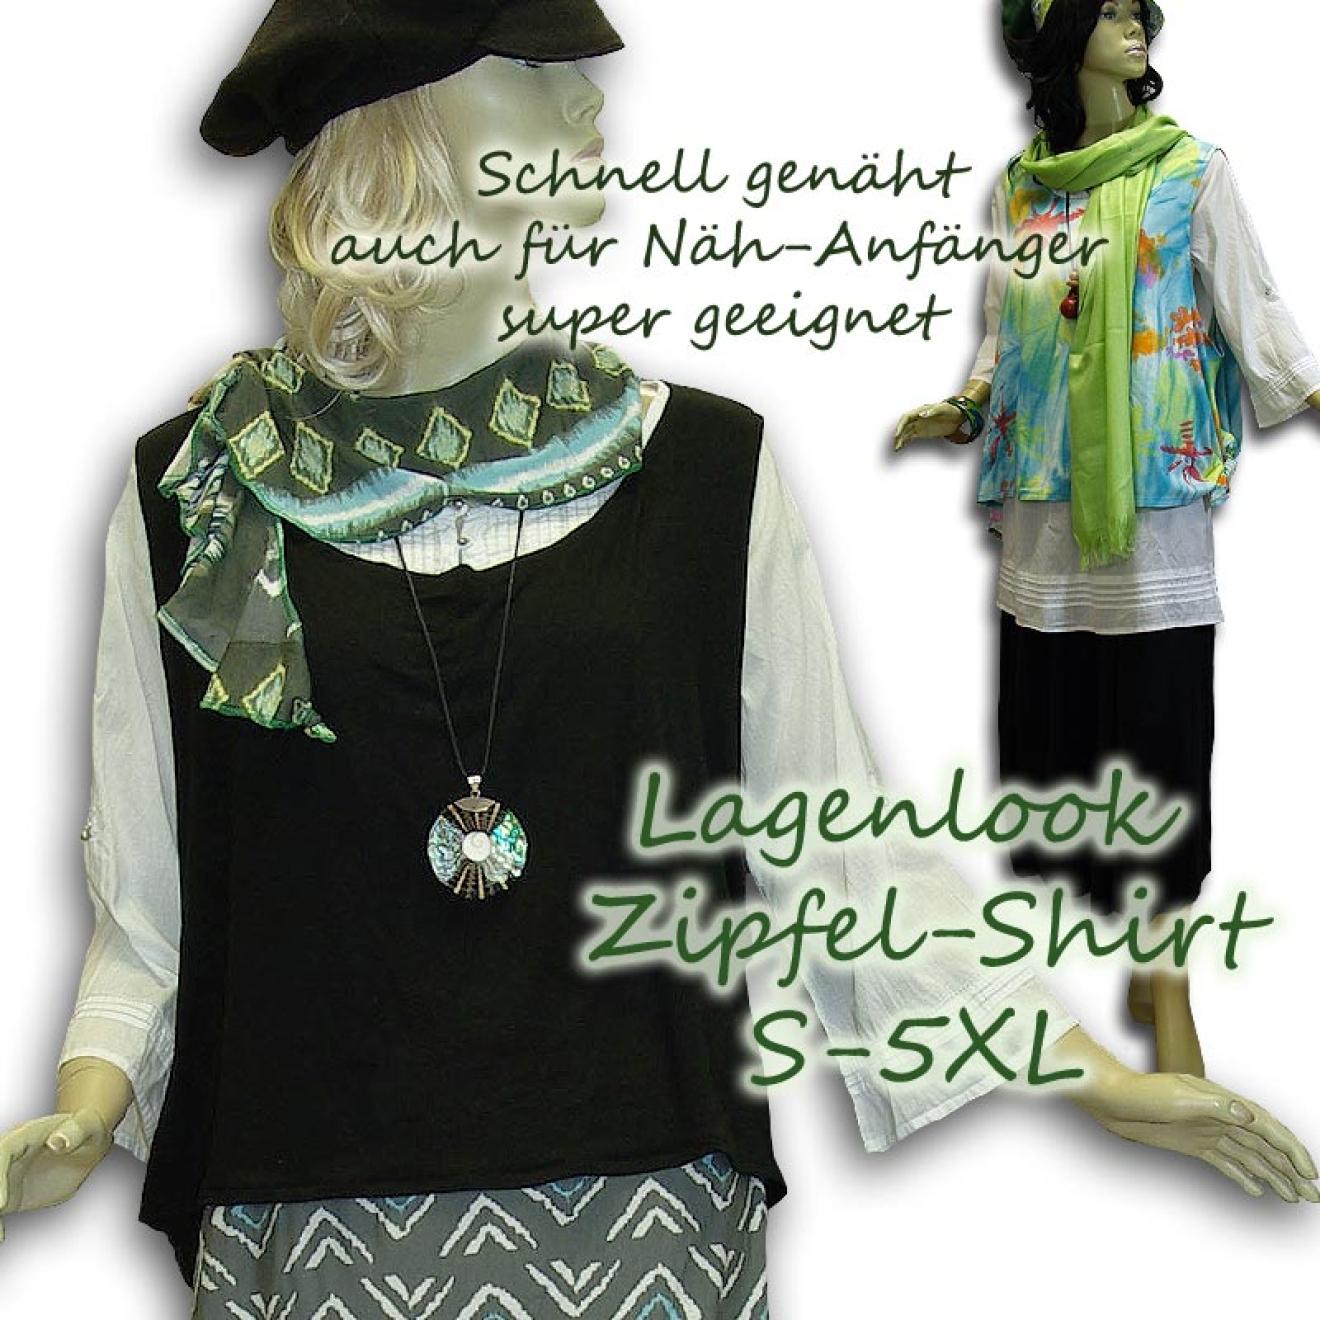 Schnittmuster e-book Lagenlook Zipfel-Shirt Weste